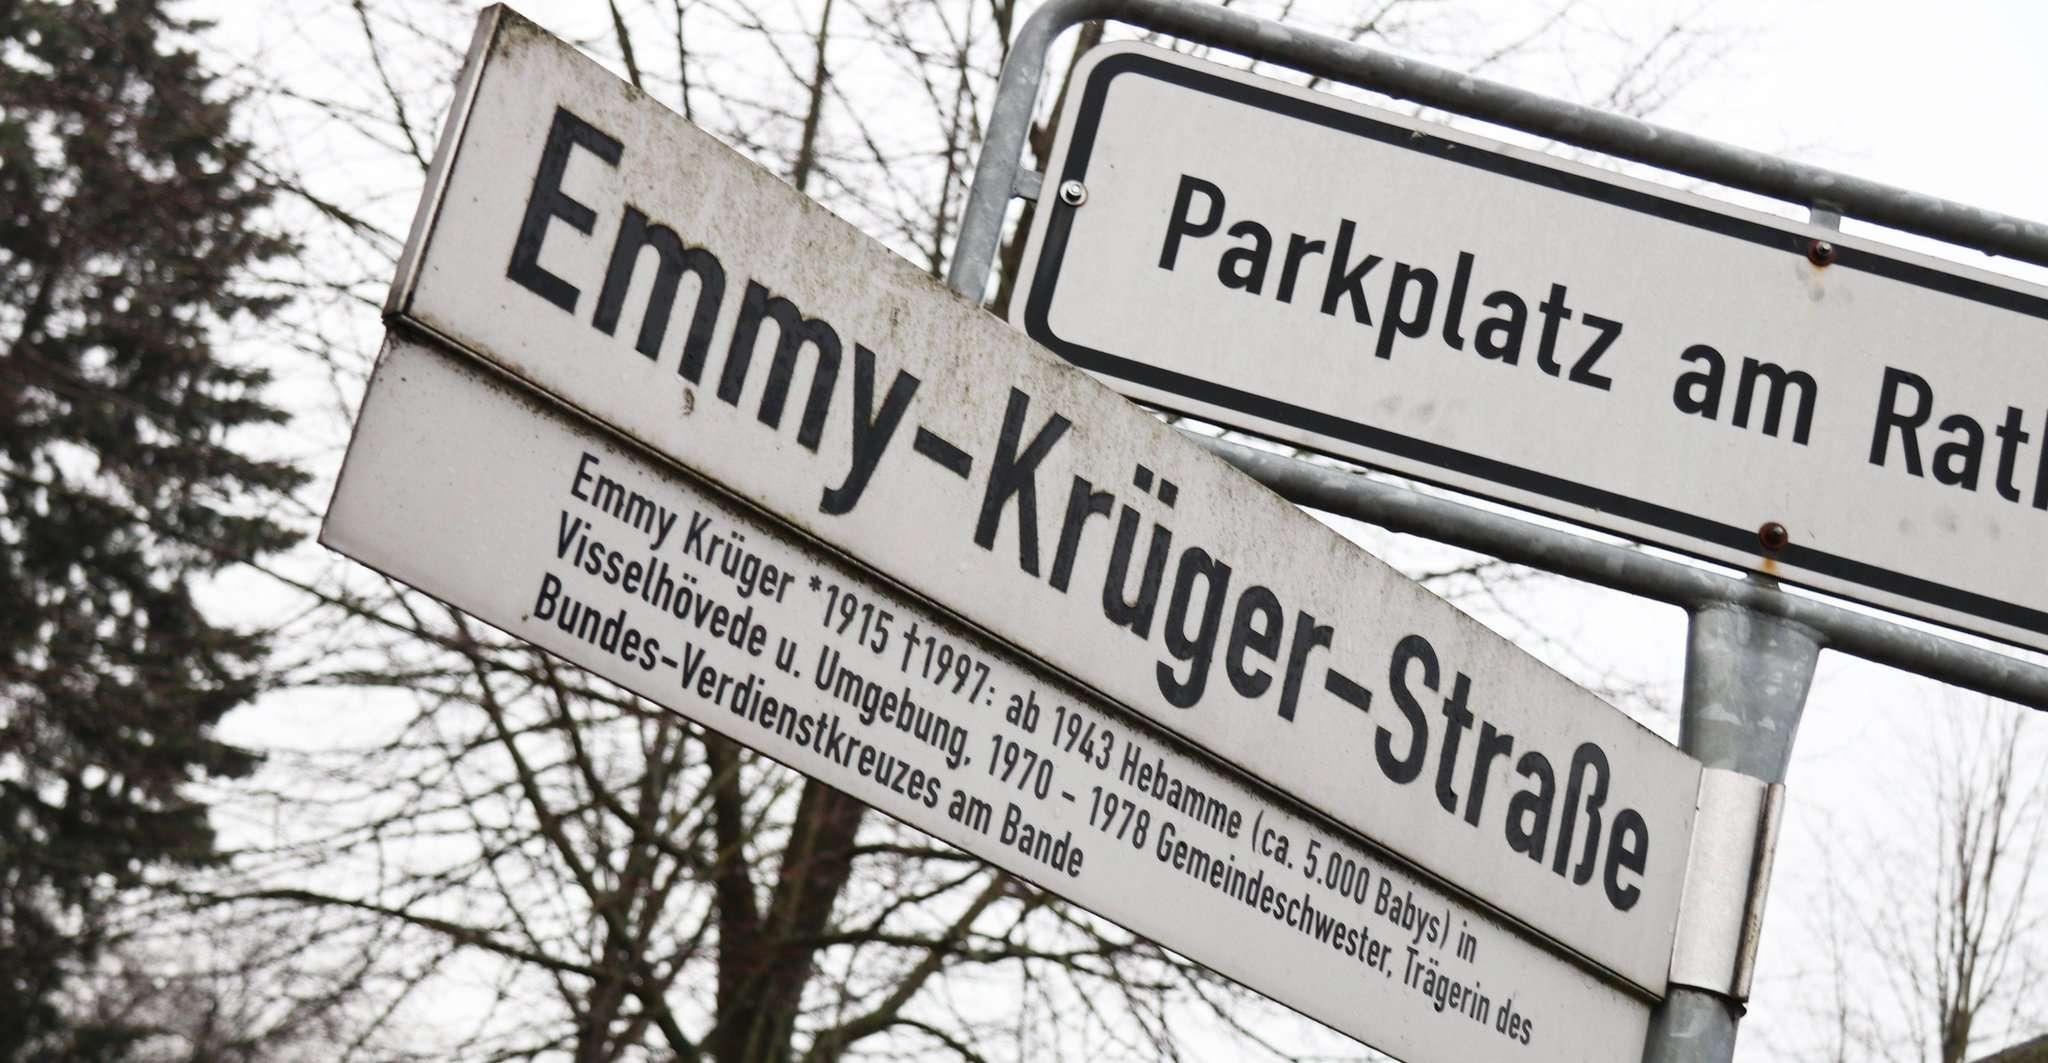 Bislang ist die Emmy-Krüger-Straße die einzige Straße in Visselhövede, die nach einer Frau benannt ist. Das soll sich nun ändern. Foto: Nina Baucke